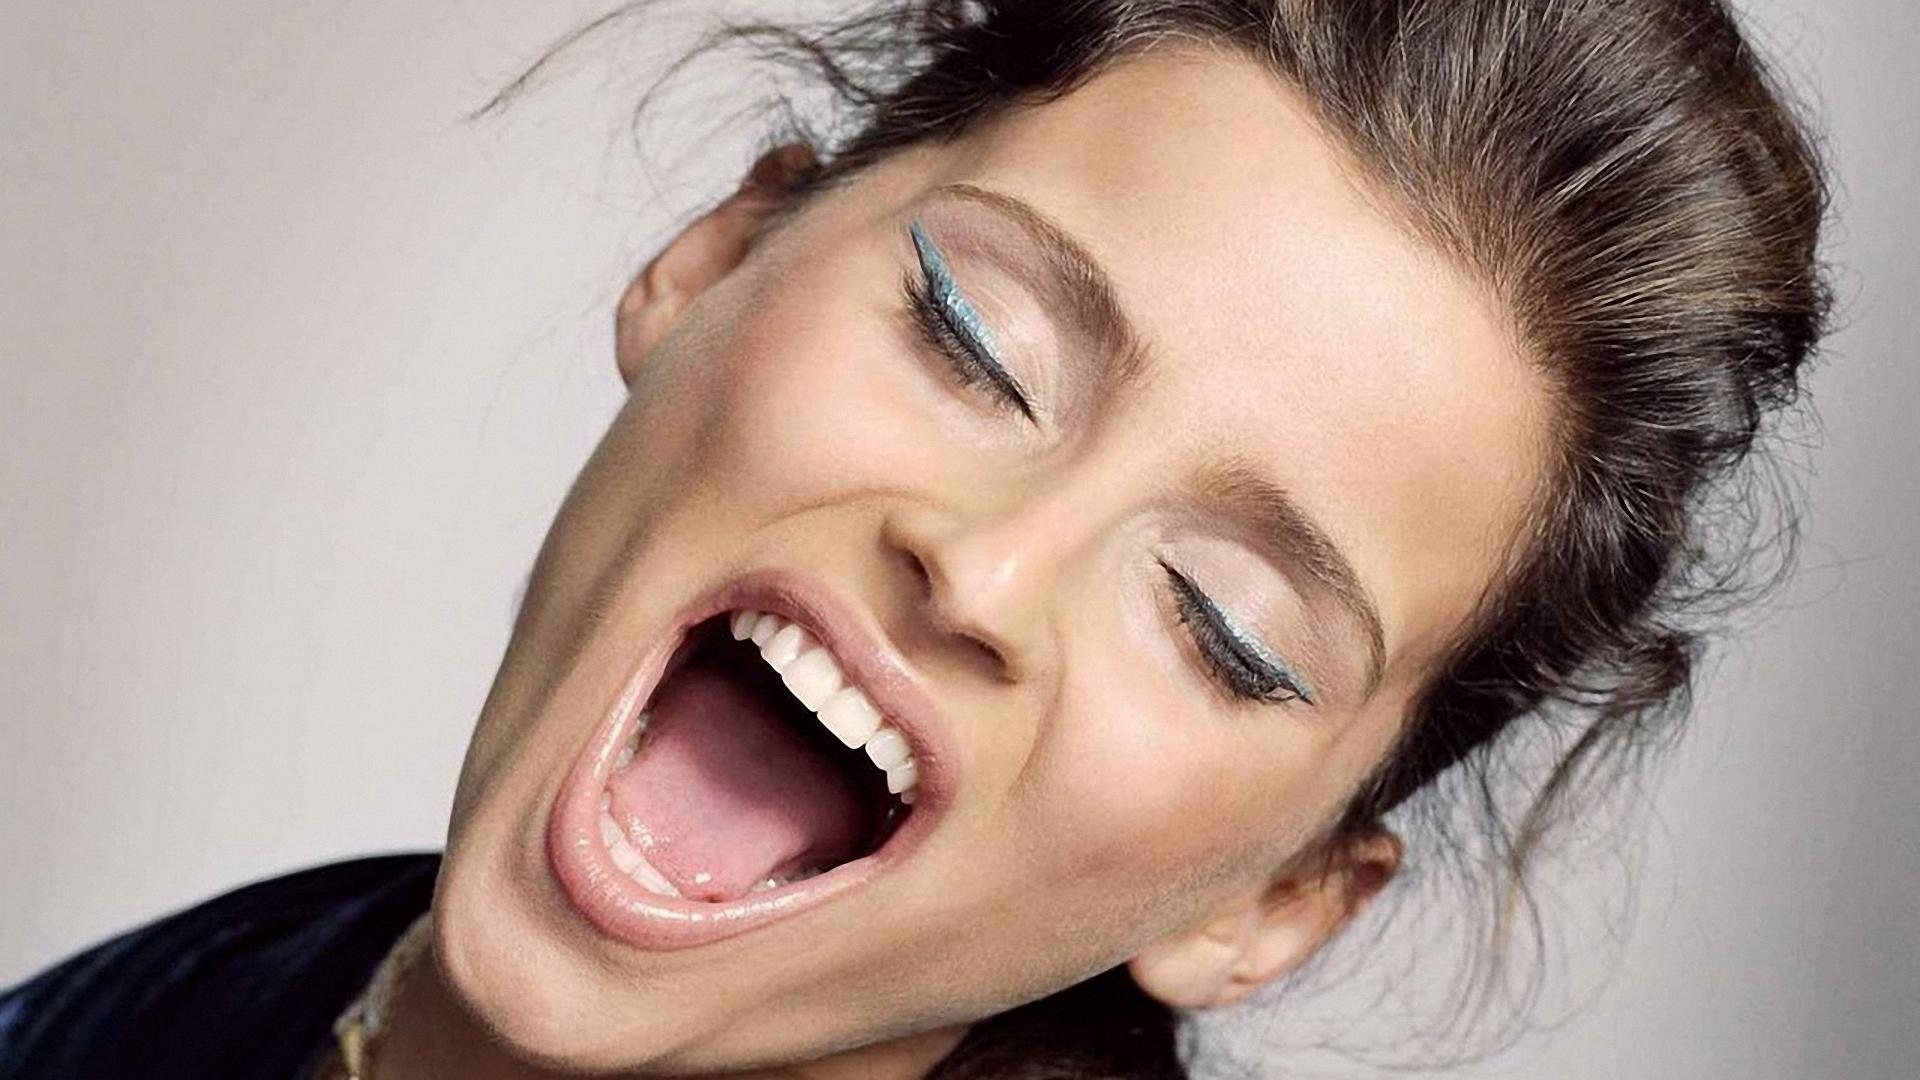 открытый женский рот фото